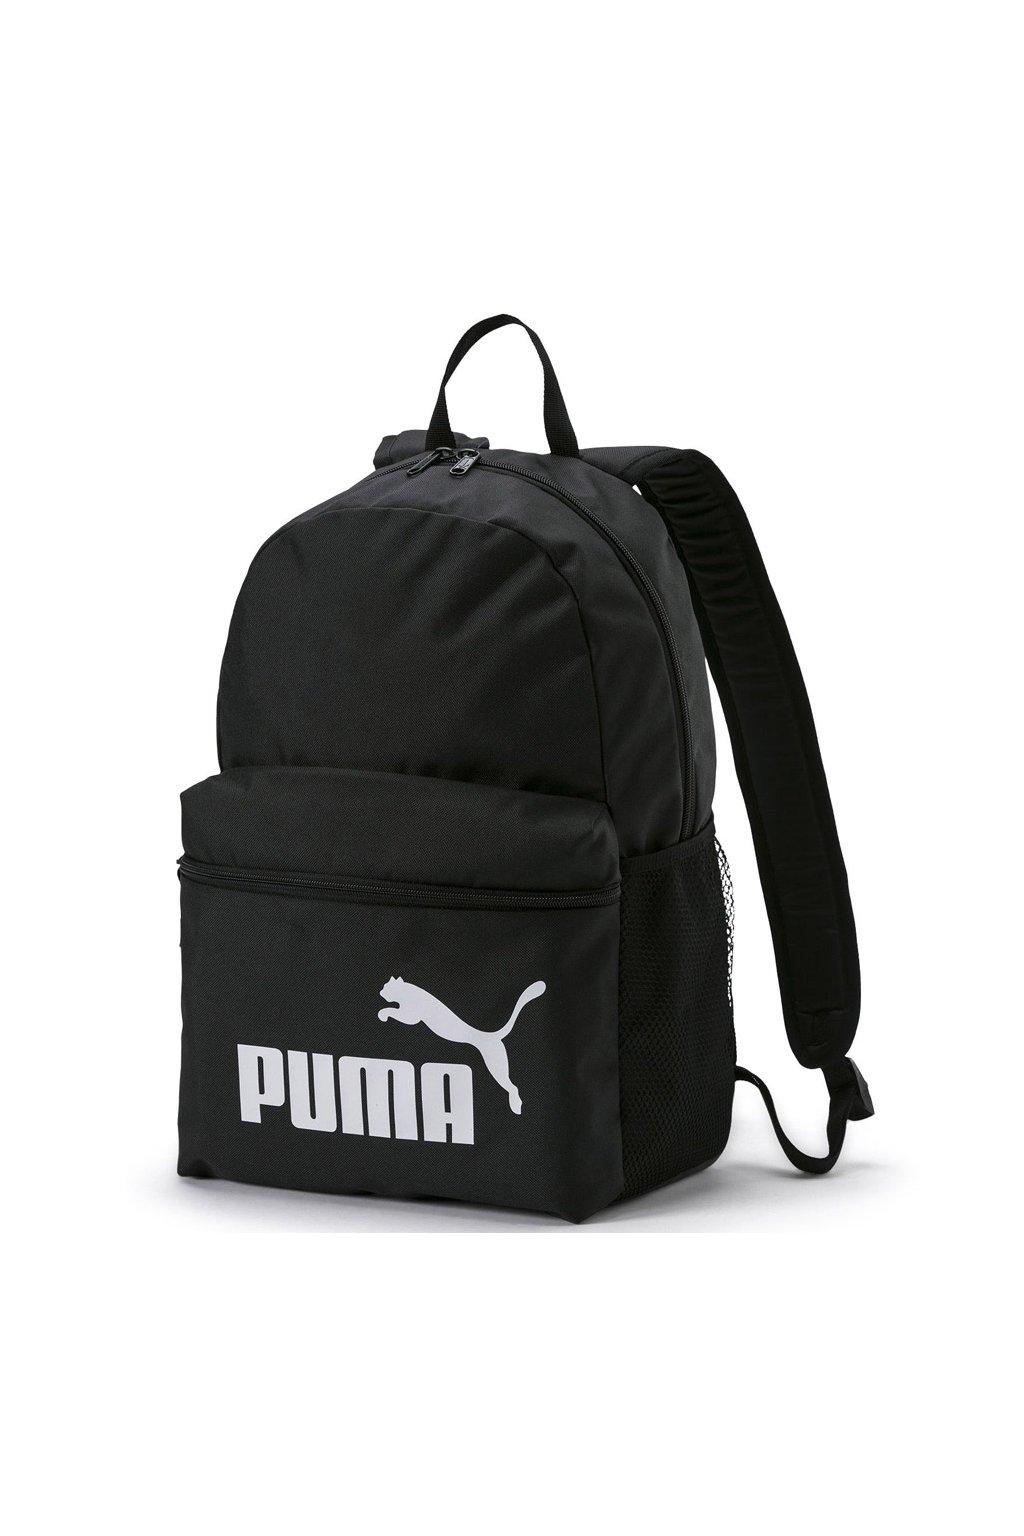 Batoh Puma Phase Backpack čierny 075487 01